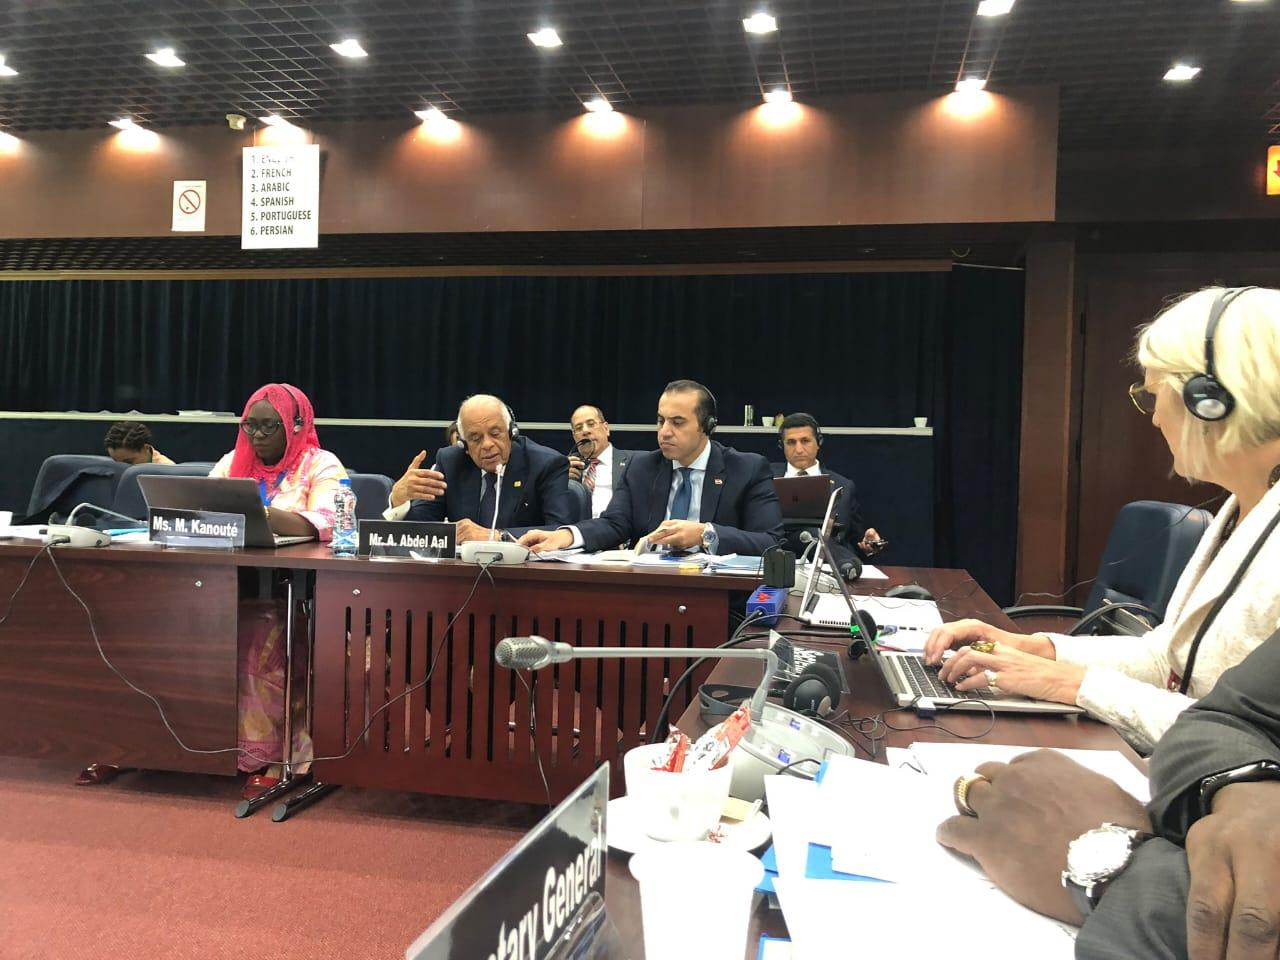 صور | علي عبدالعال يشارك فى اجتماعات اللجنة التنفيذية للبرلمان الدولى